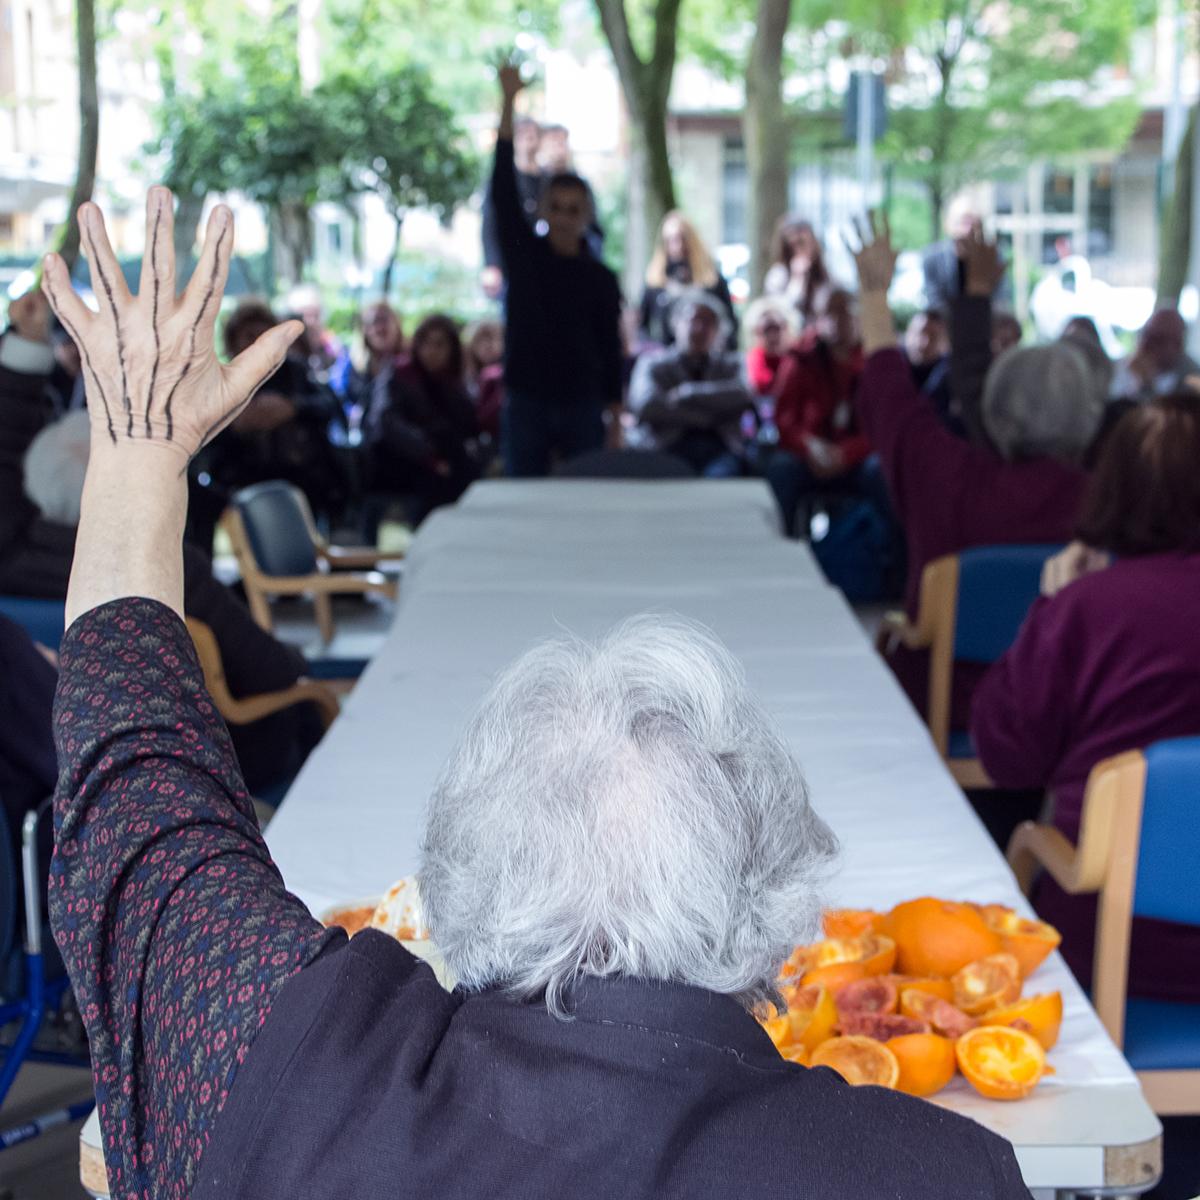 Esito-Teatringestazione-foto-Chiara-Ferrin(2)